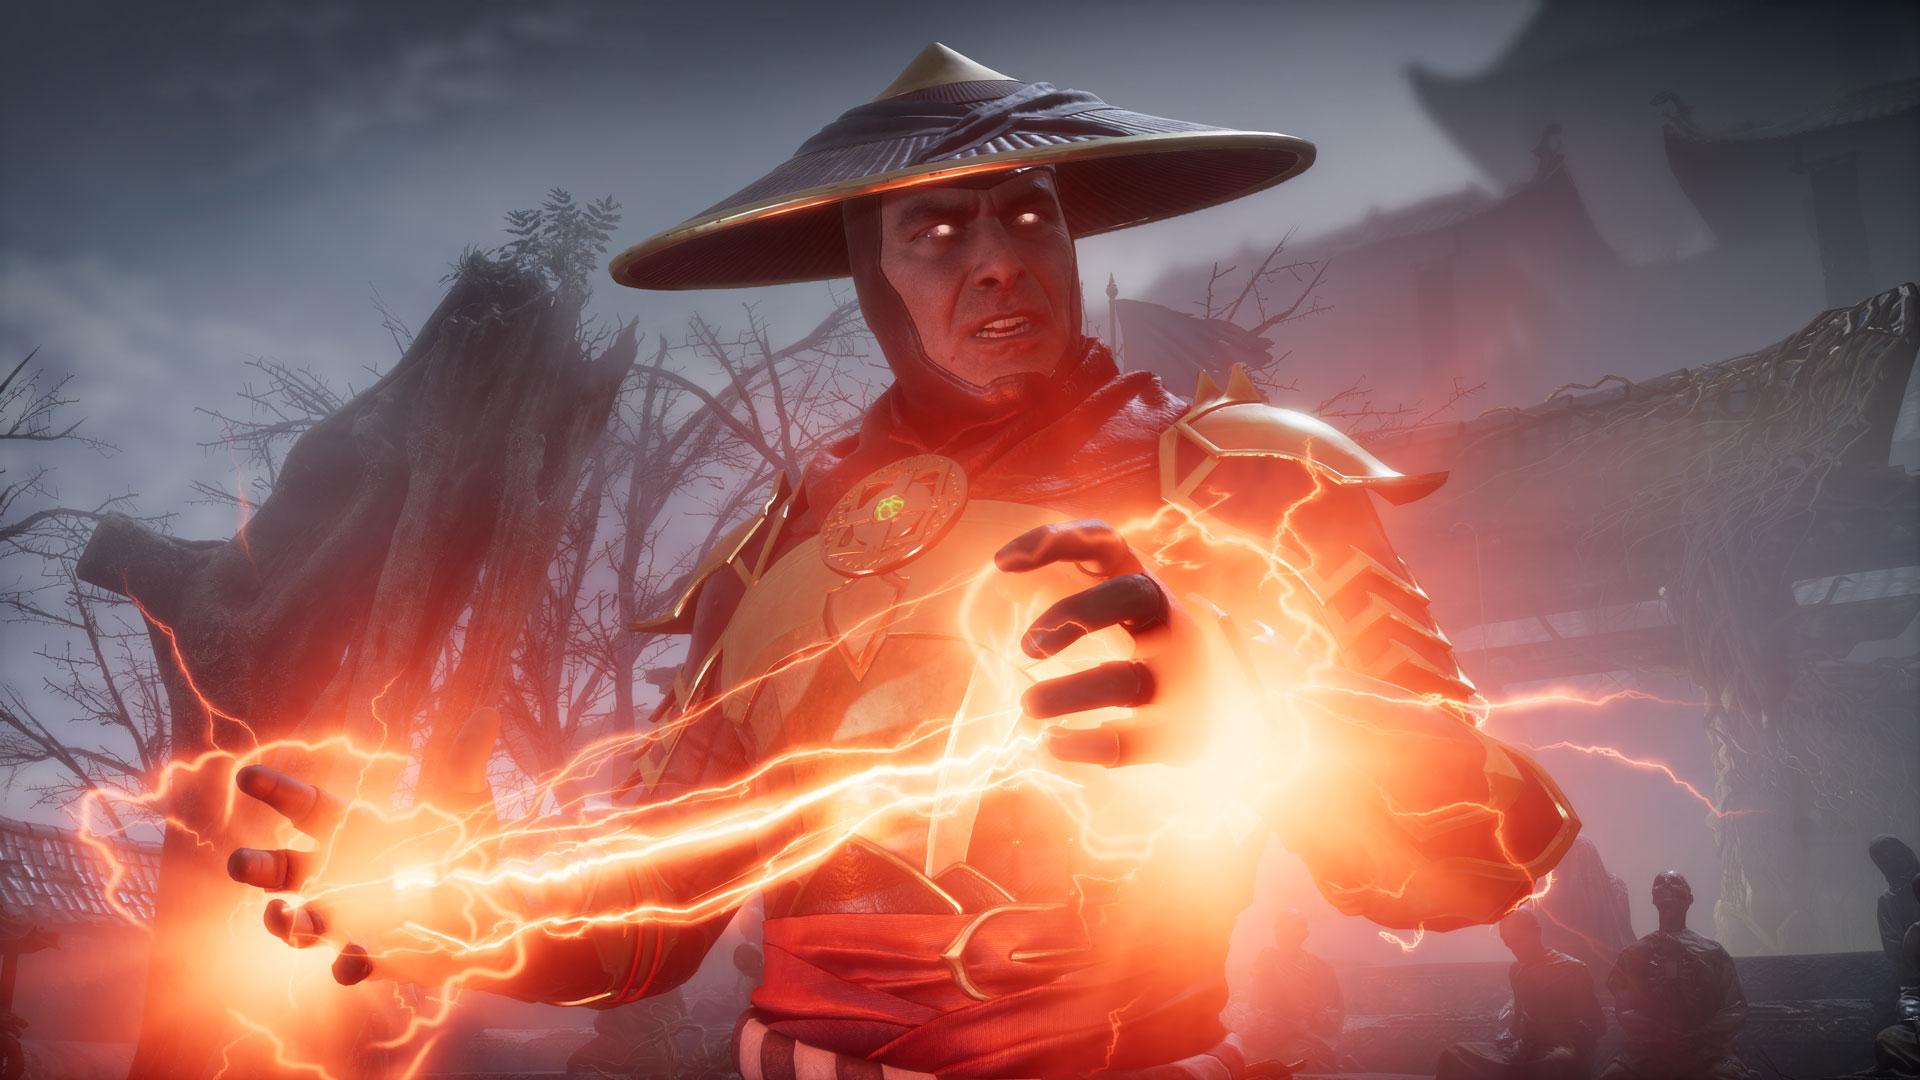 Mortal Kombat 11 Announced at Game Awards 18 ing to